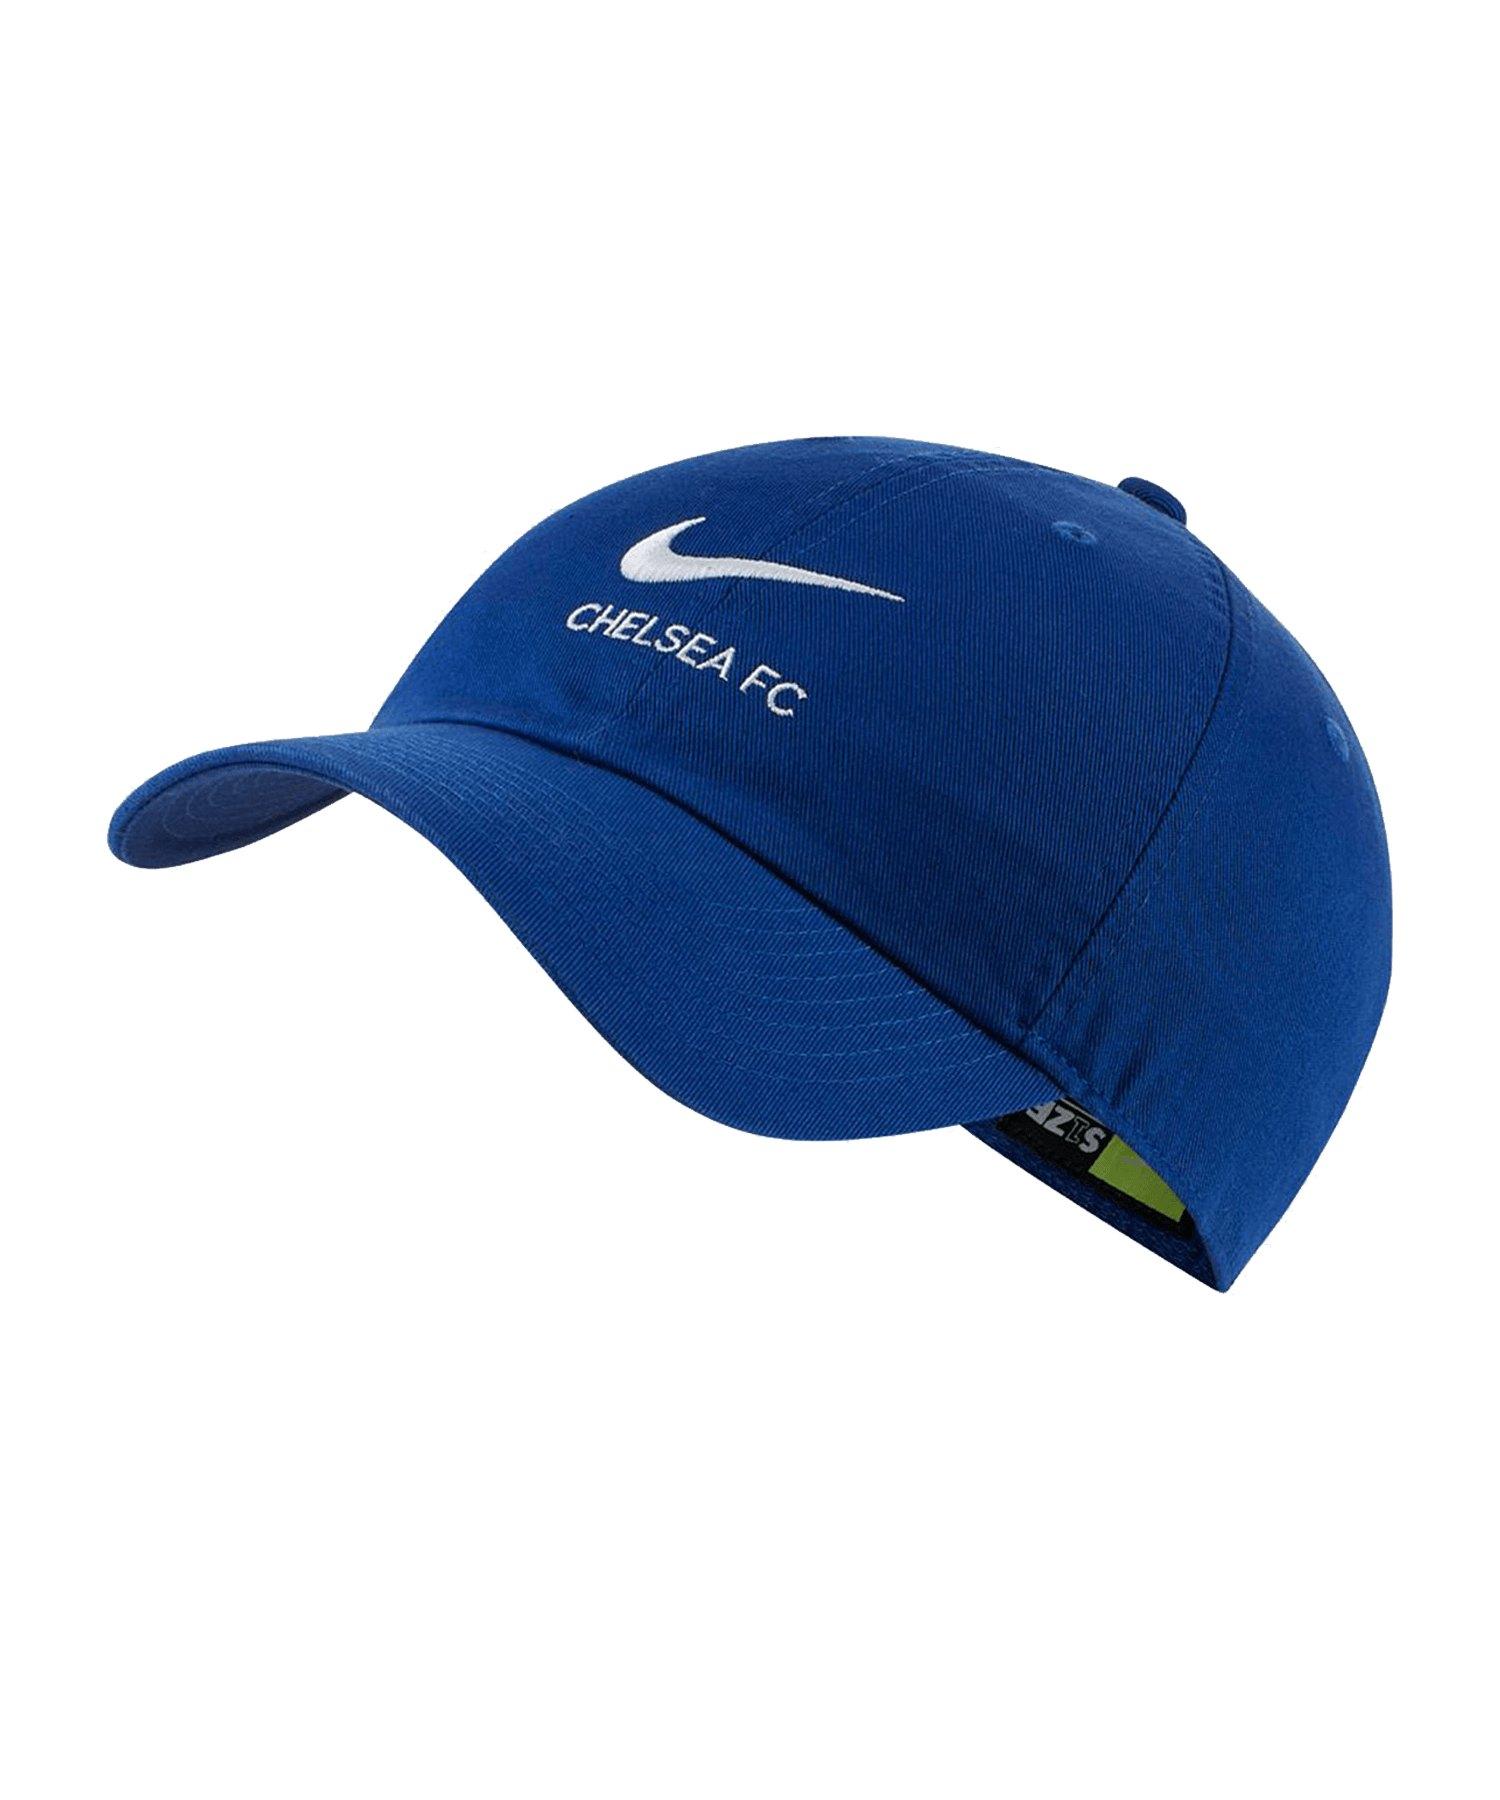 Nike CFC H86 Cap Kappe Blau F495 - blau